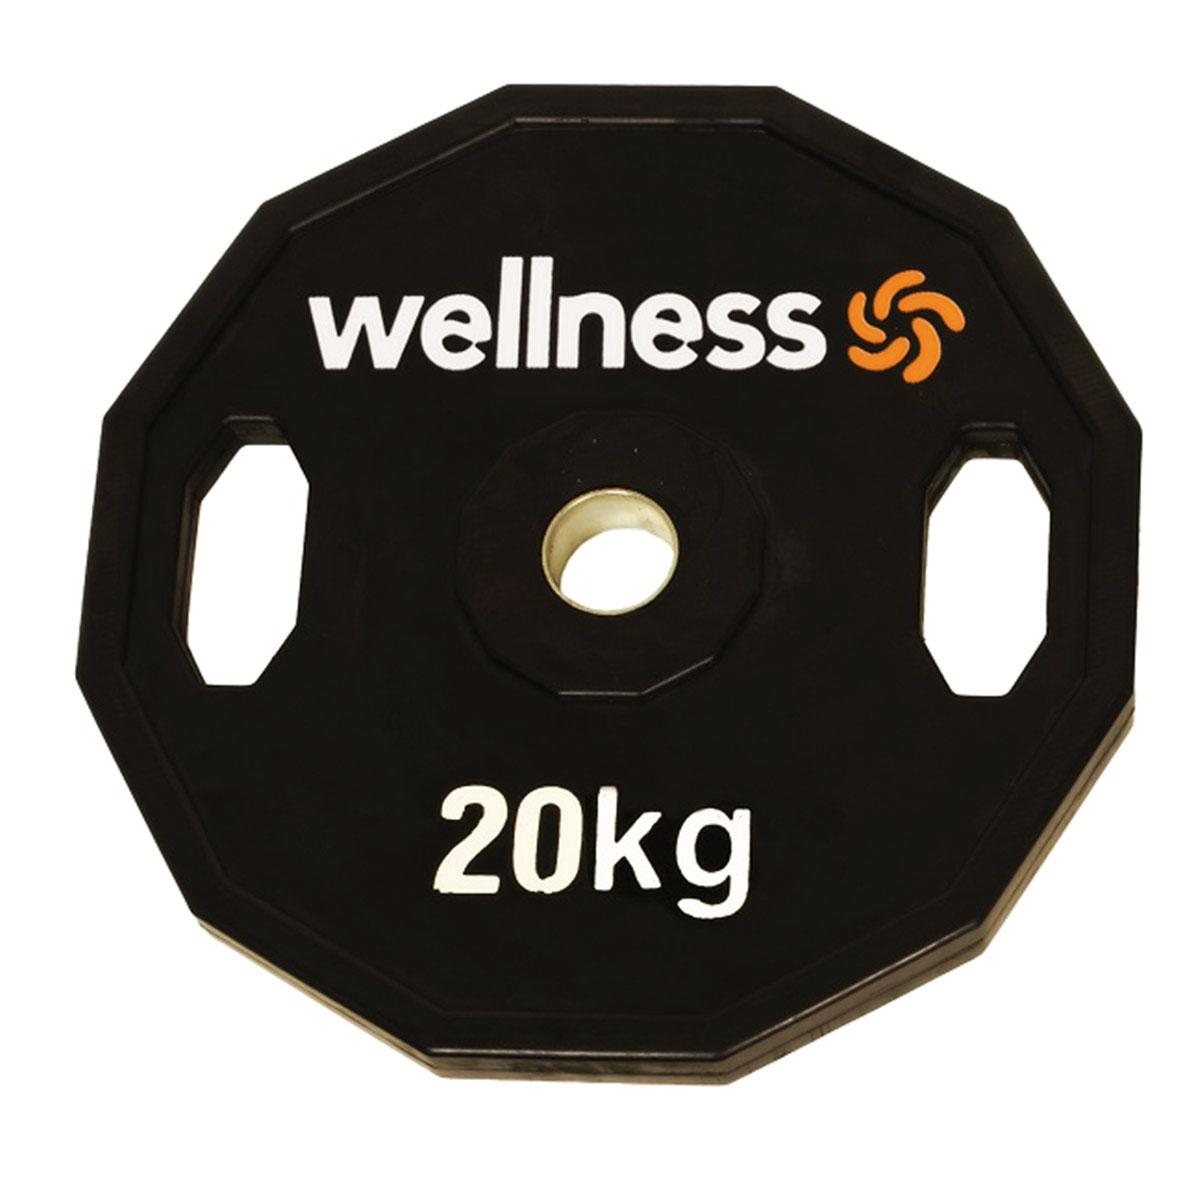 Anilha Emborrachada Furação Standard 12 Faces com Pegada 20kg Wellness